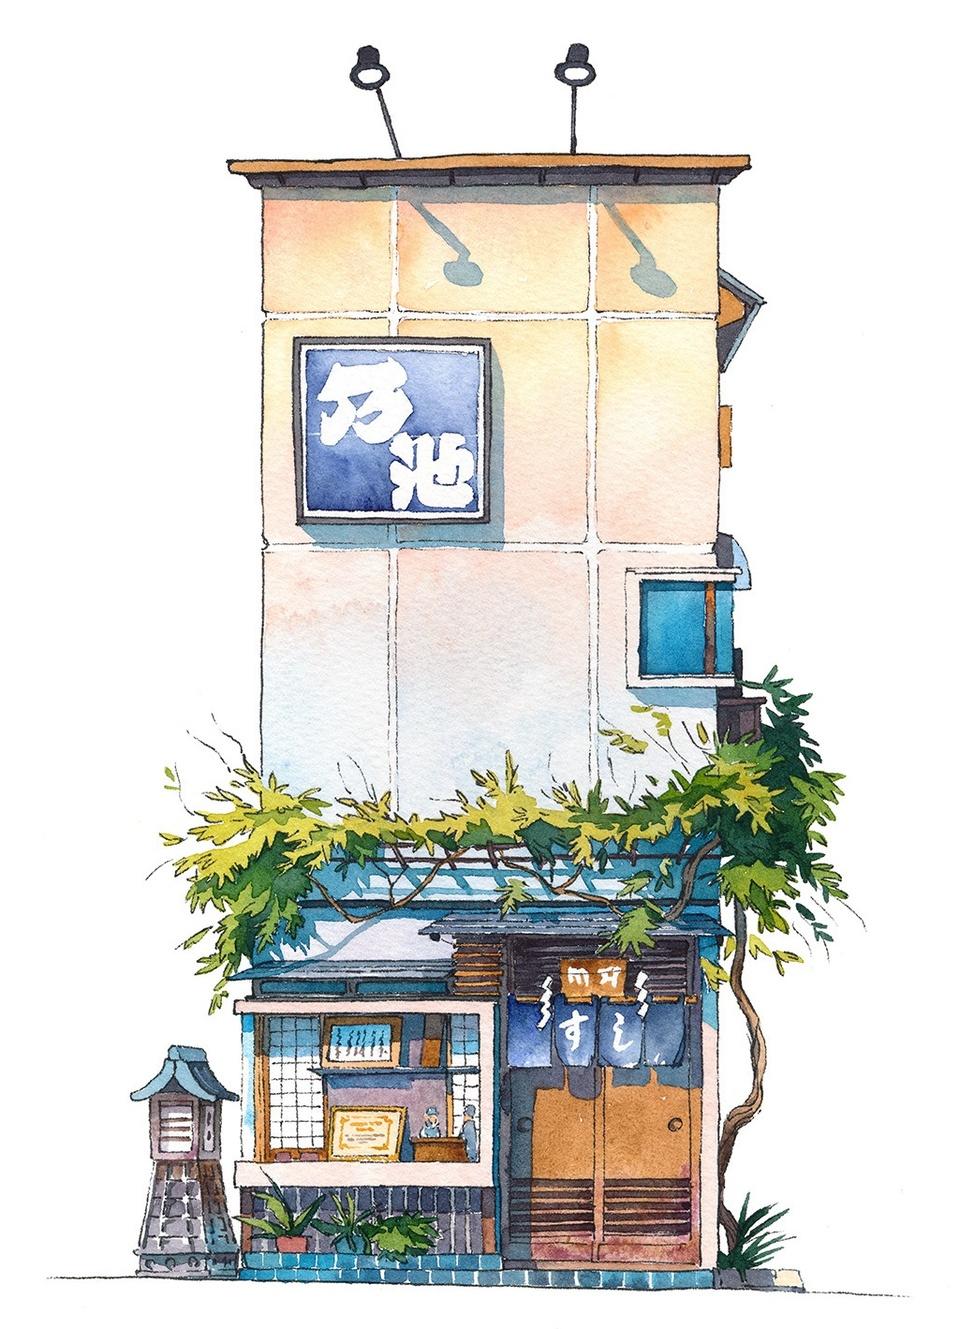 Tokyo dep gian di duoi nhung cua hang duoc phac hoa tren giay hinh anh 10